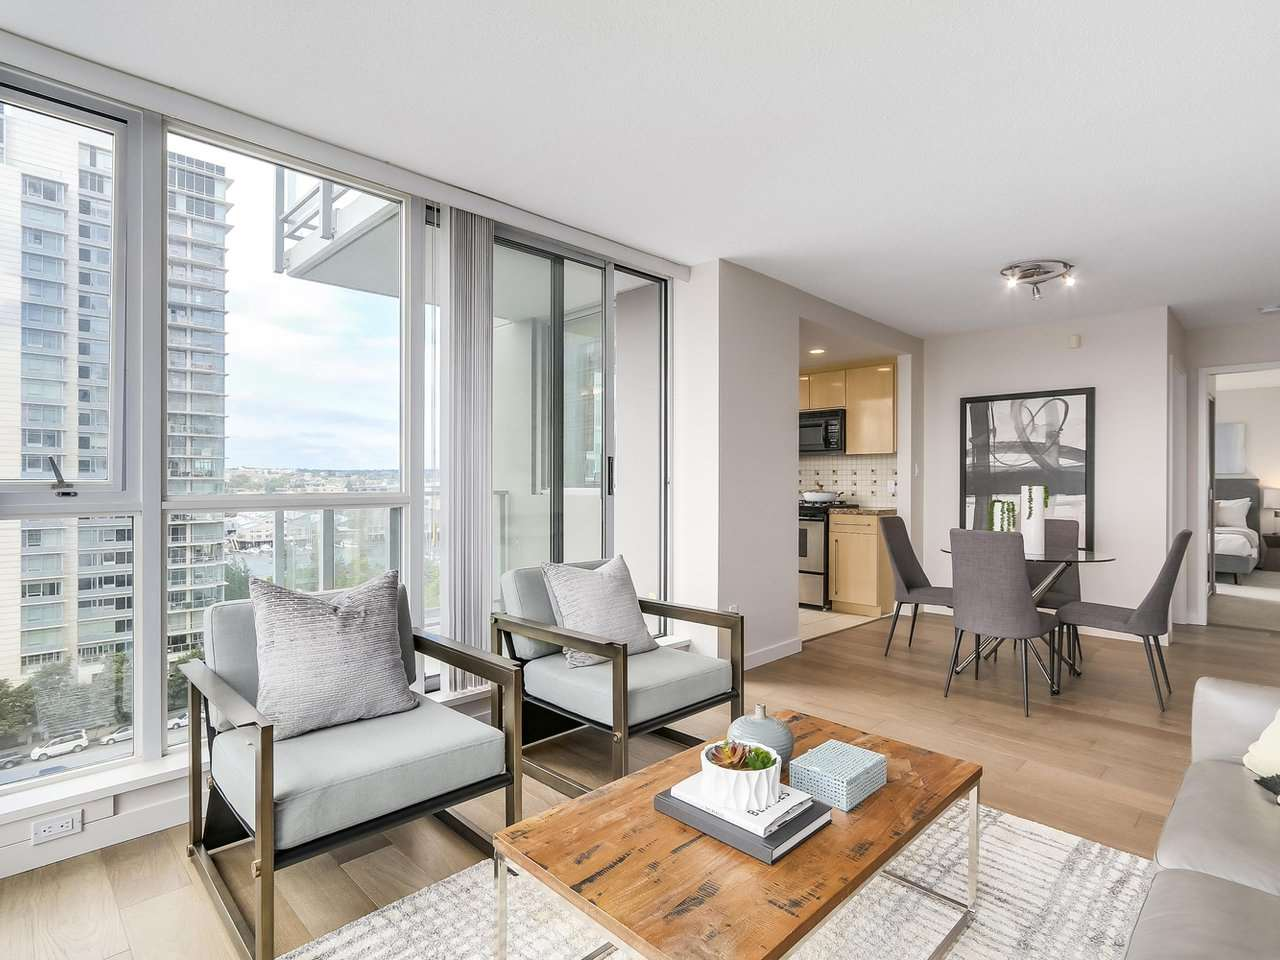 Condo Apartment at 1102 1408 STRATHMORE MEWS, Unit 1102, Vancouver West, British Columbia. Image 5